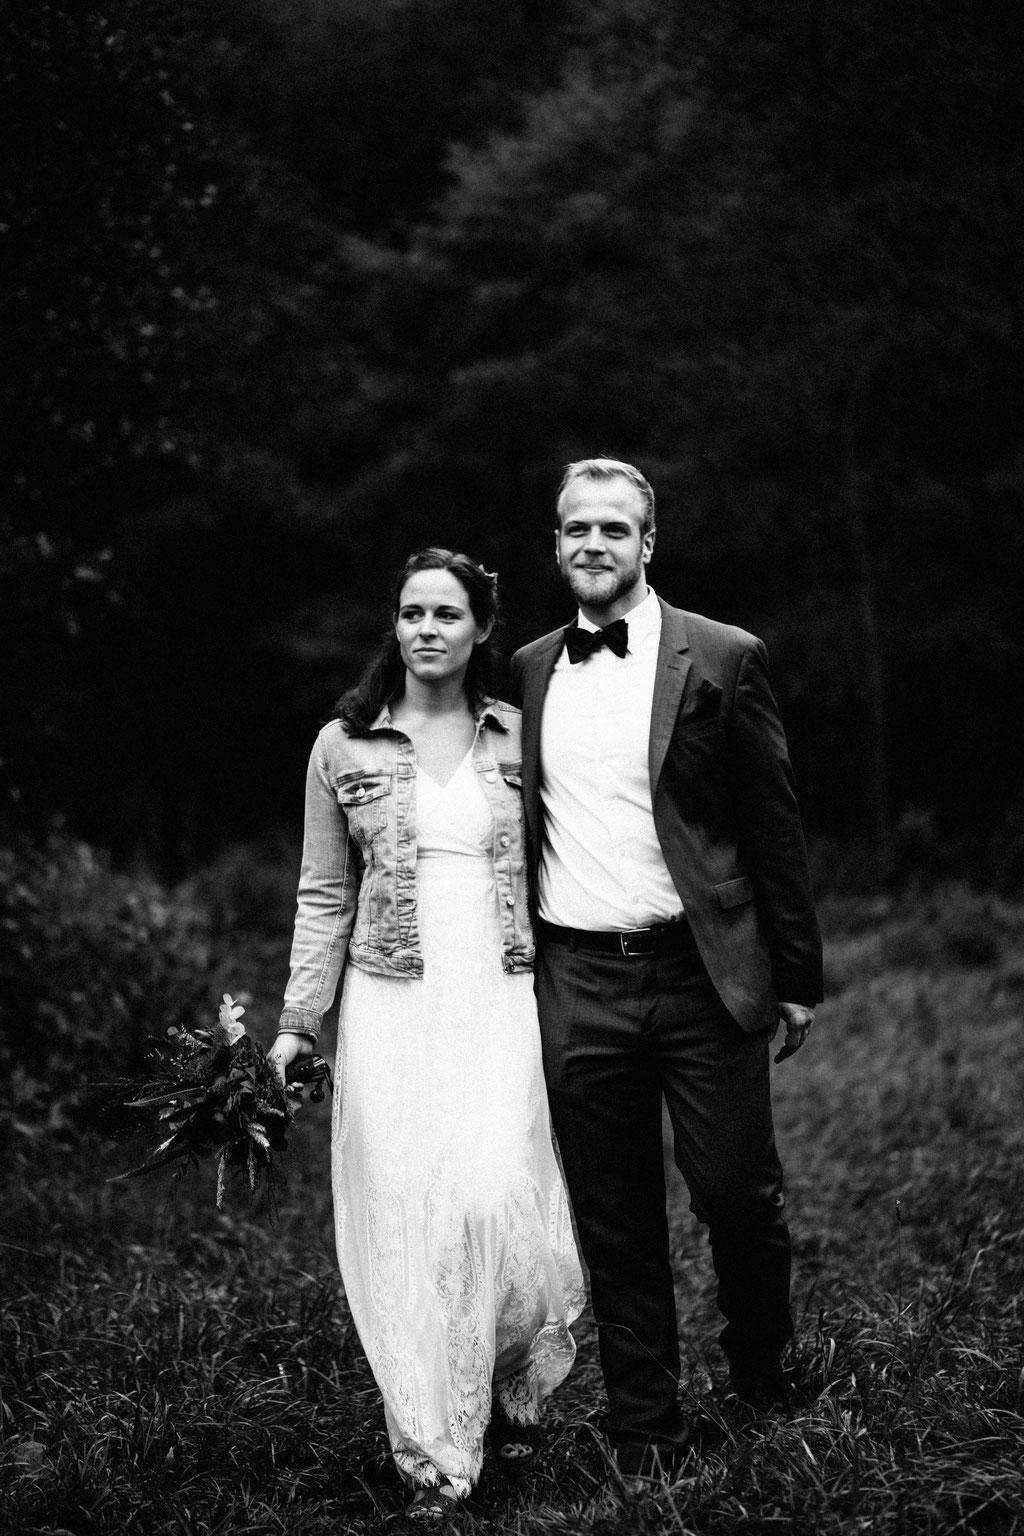 Brautpaaraufnahmen, schwarz weiß, sw, Hochzeit, Freie Trauung, Hubertushütte, Lentschik, Hochzeitsfotografin Rheingau, Wiesbaden